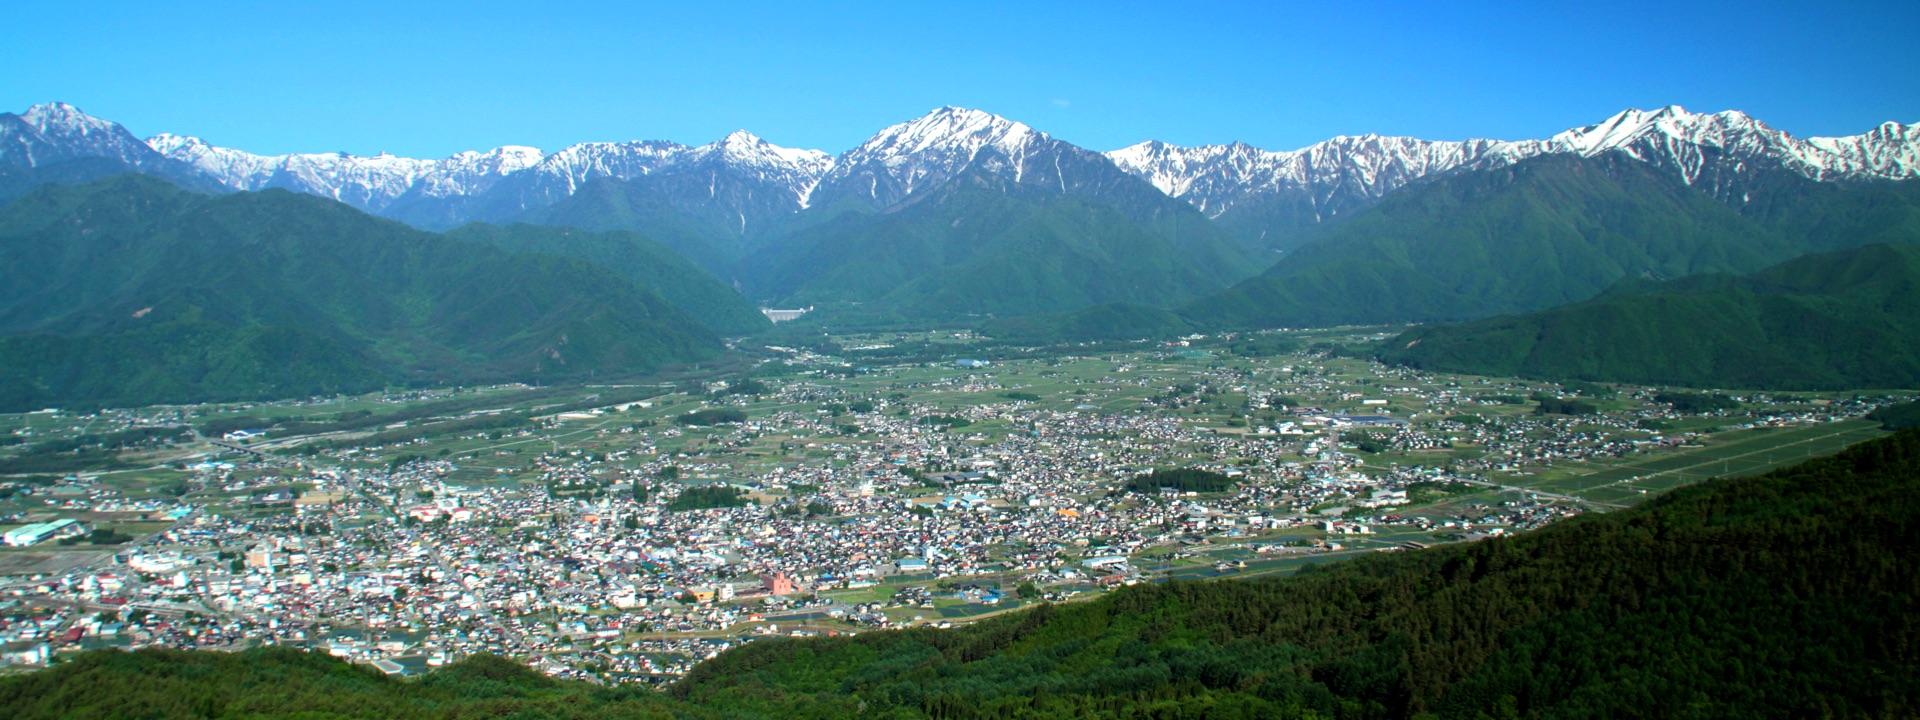 おおまち暮らしの魅力 | 大町市創業支援協議会 | 長野県大町市